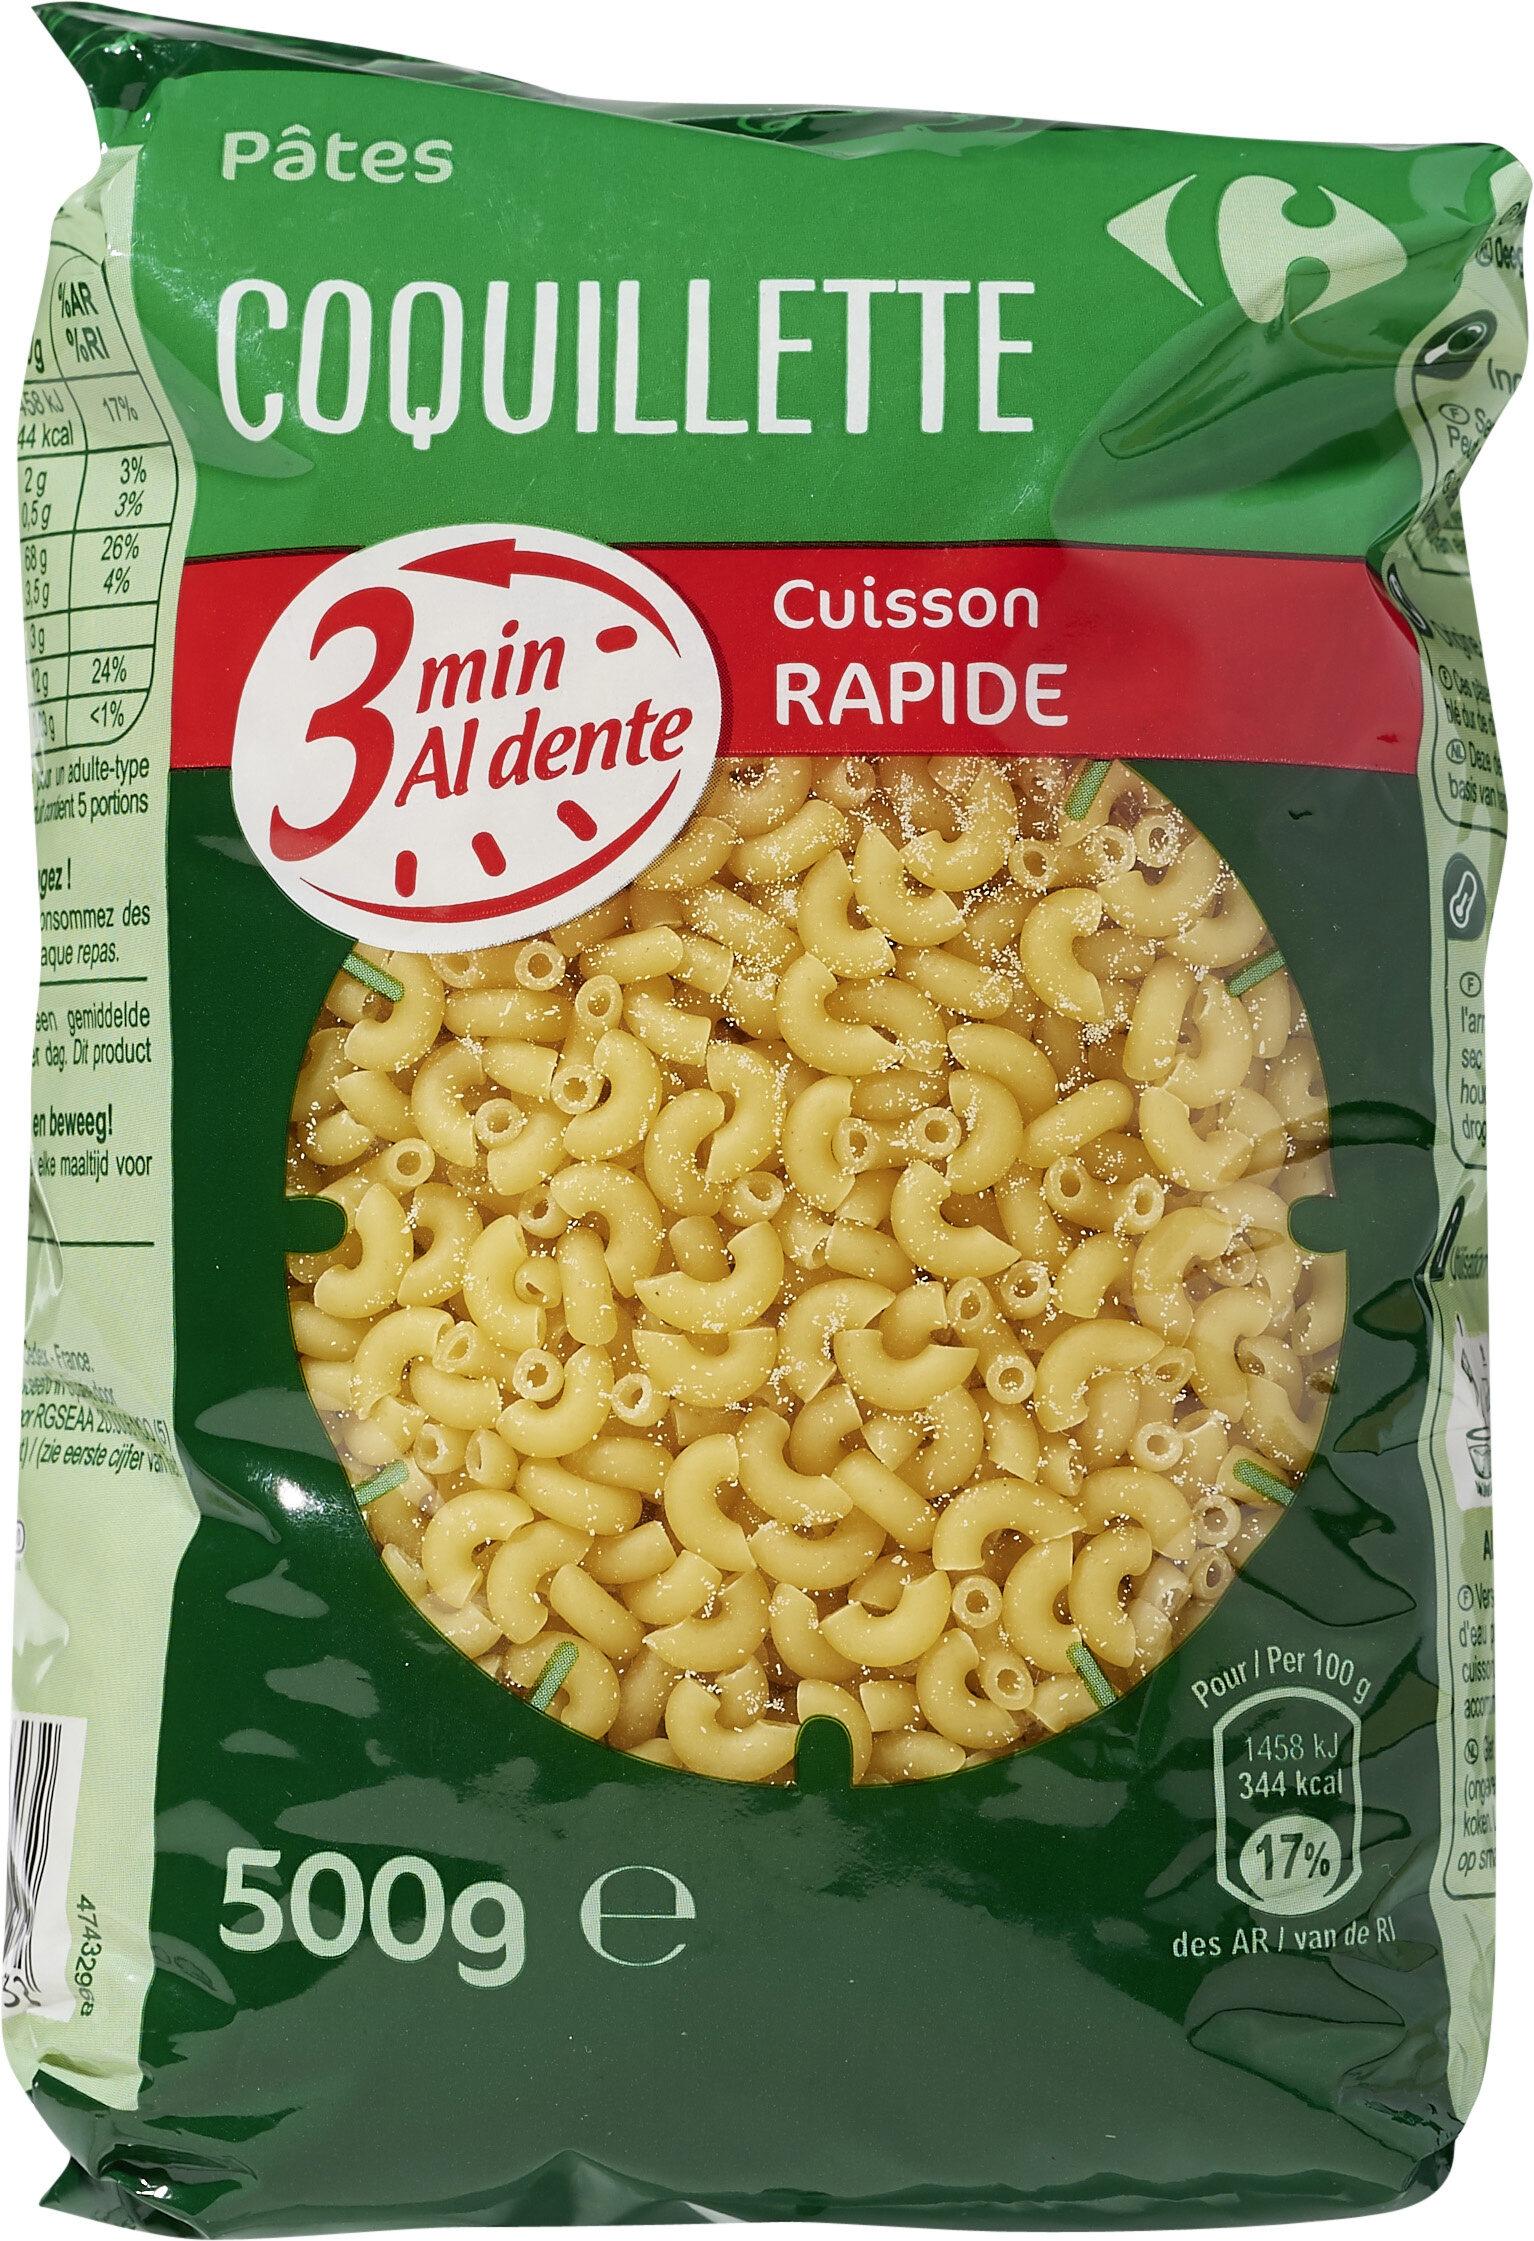 Coquillettes cuisson rapide 3 minutes - Produit - fr